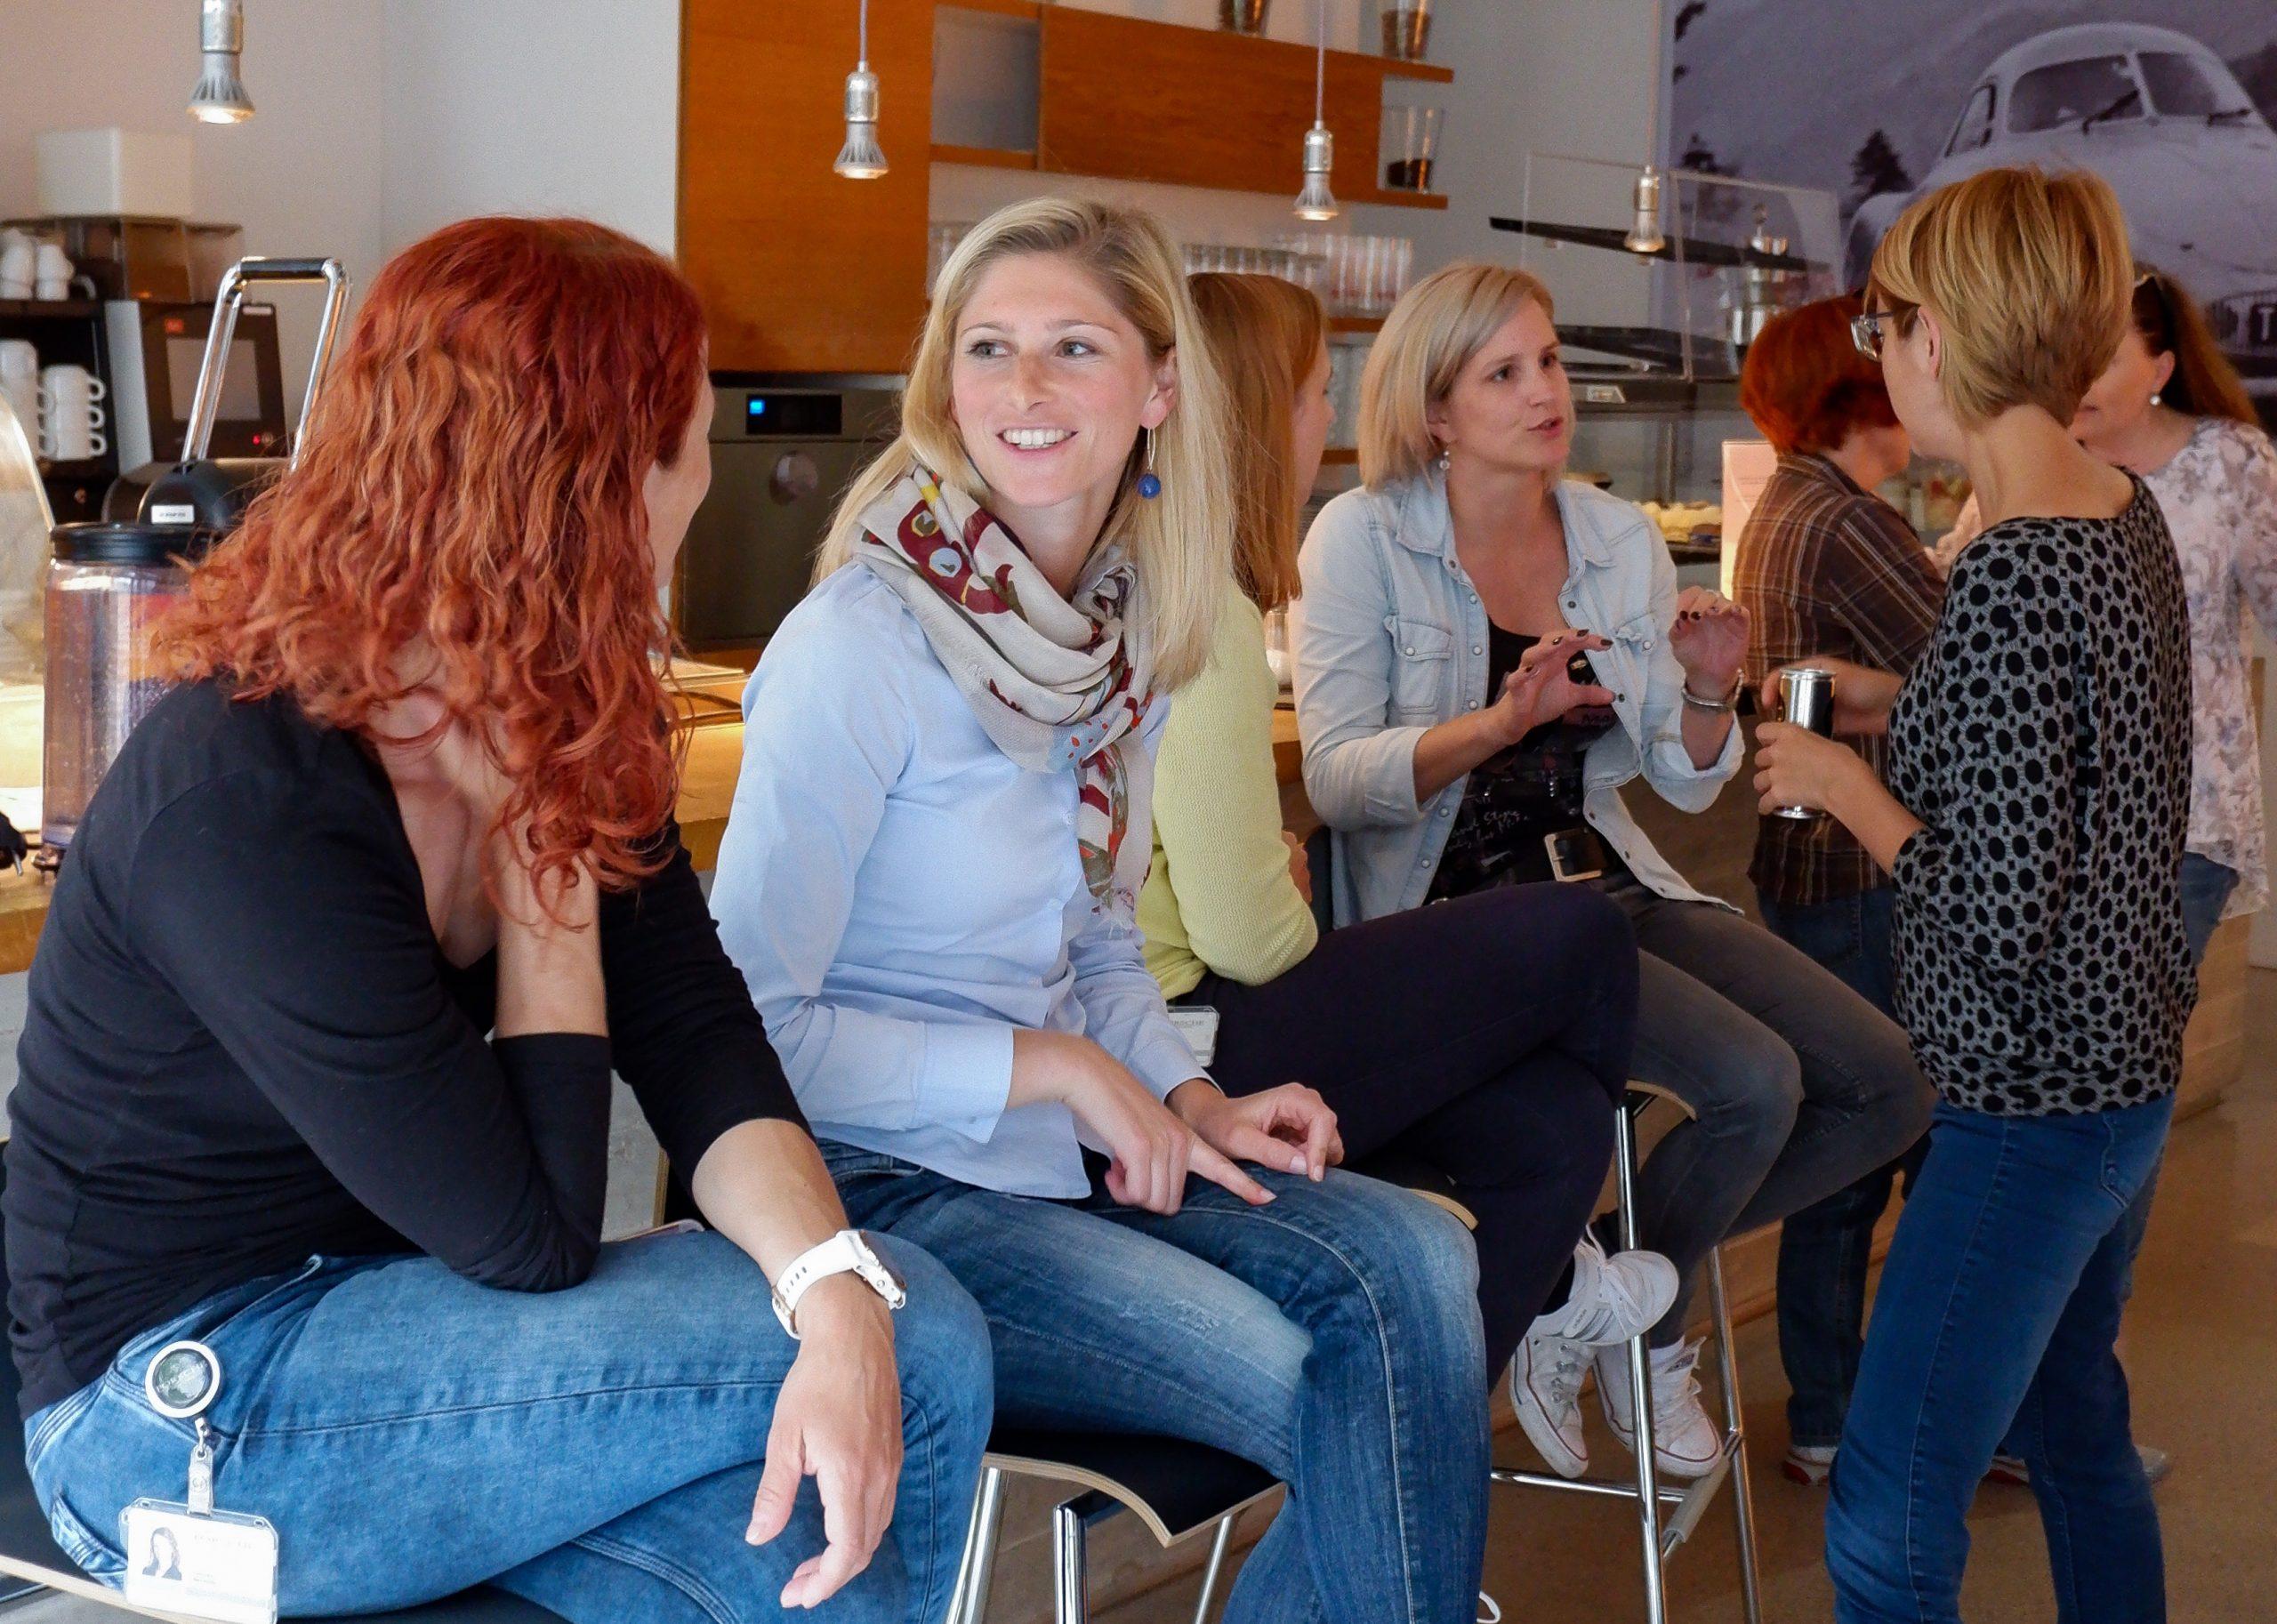 Unsere Kolleginnen tauschen sich beim IT-Frauen-Netzwertreffen aus